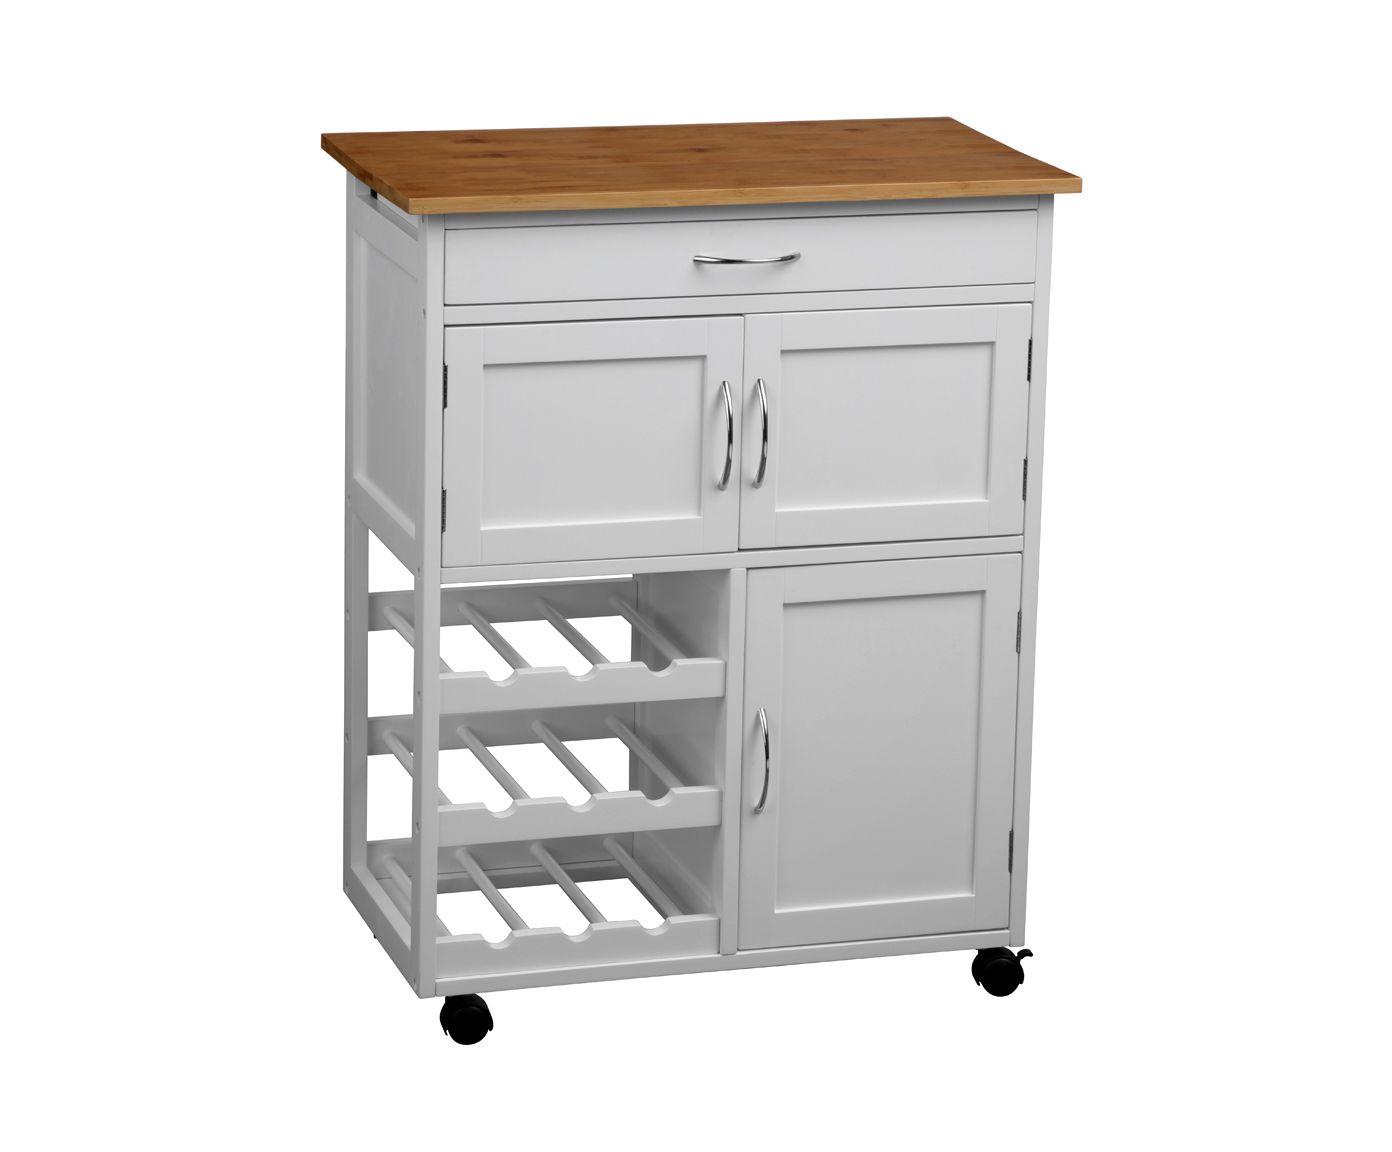 kitchen cabinet on wheels | Displays | Kitchen trolley ...